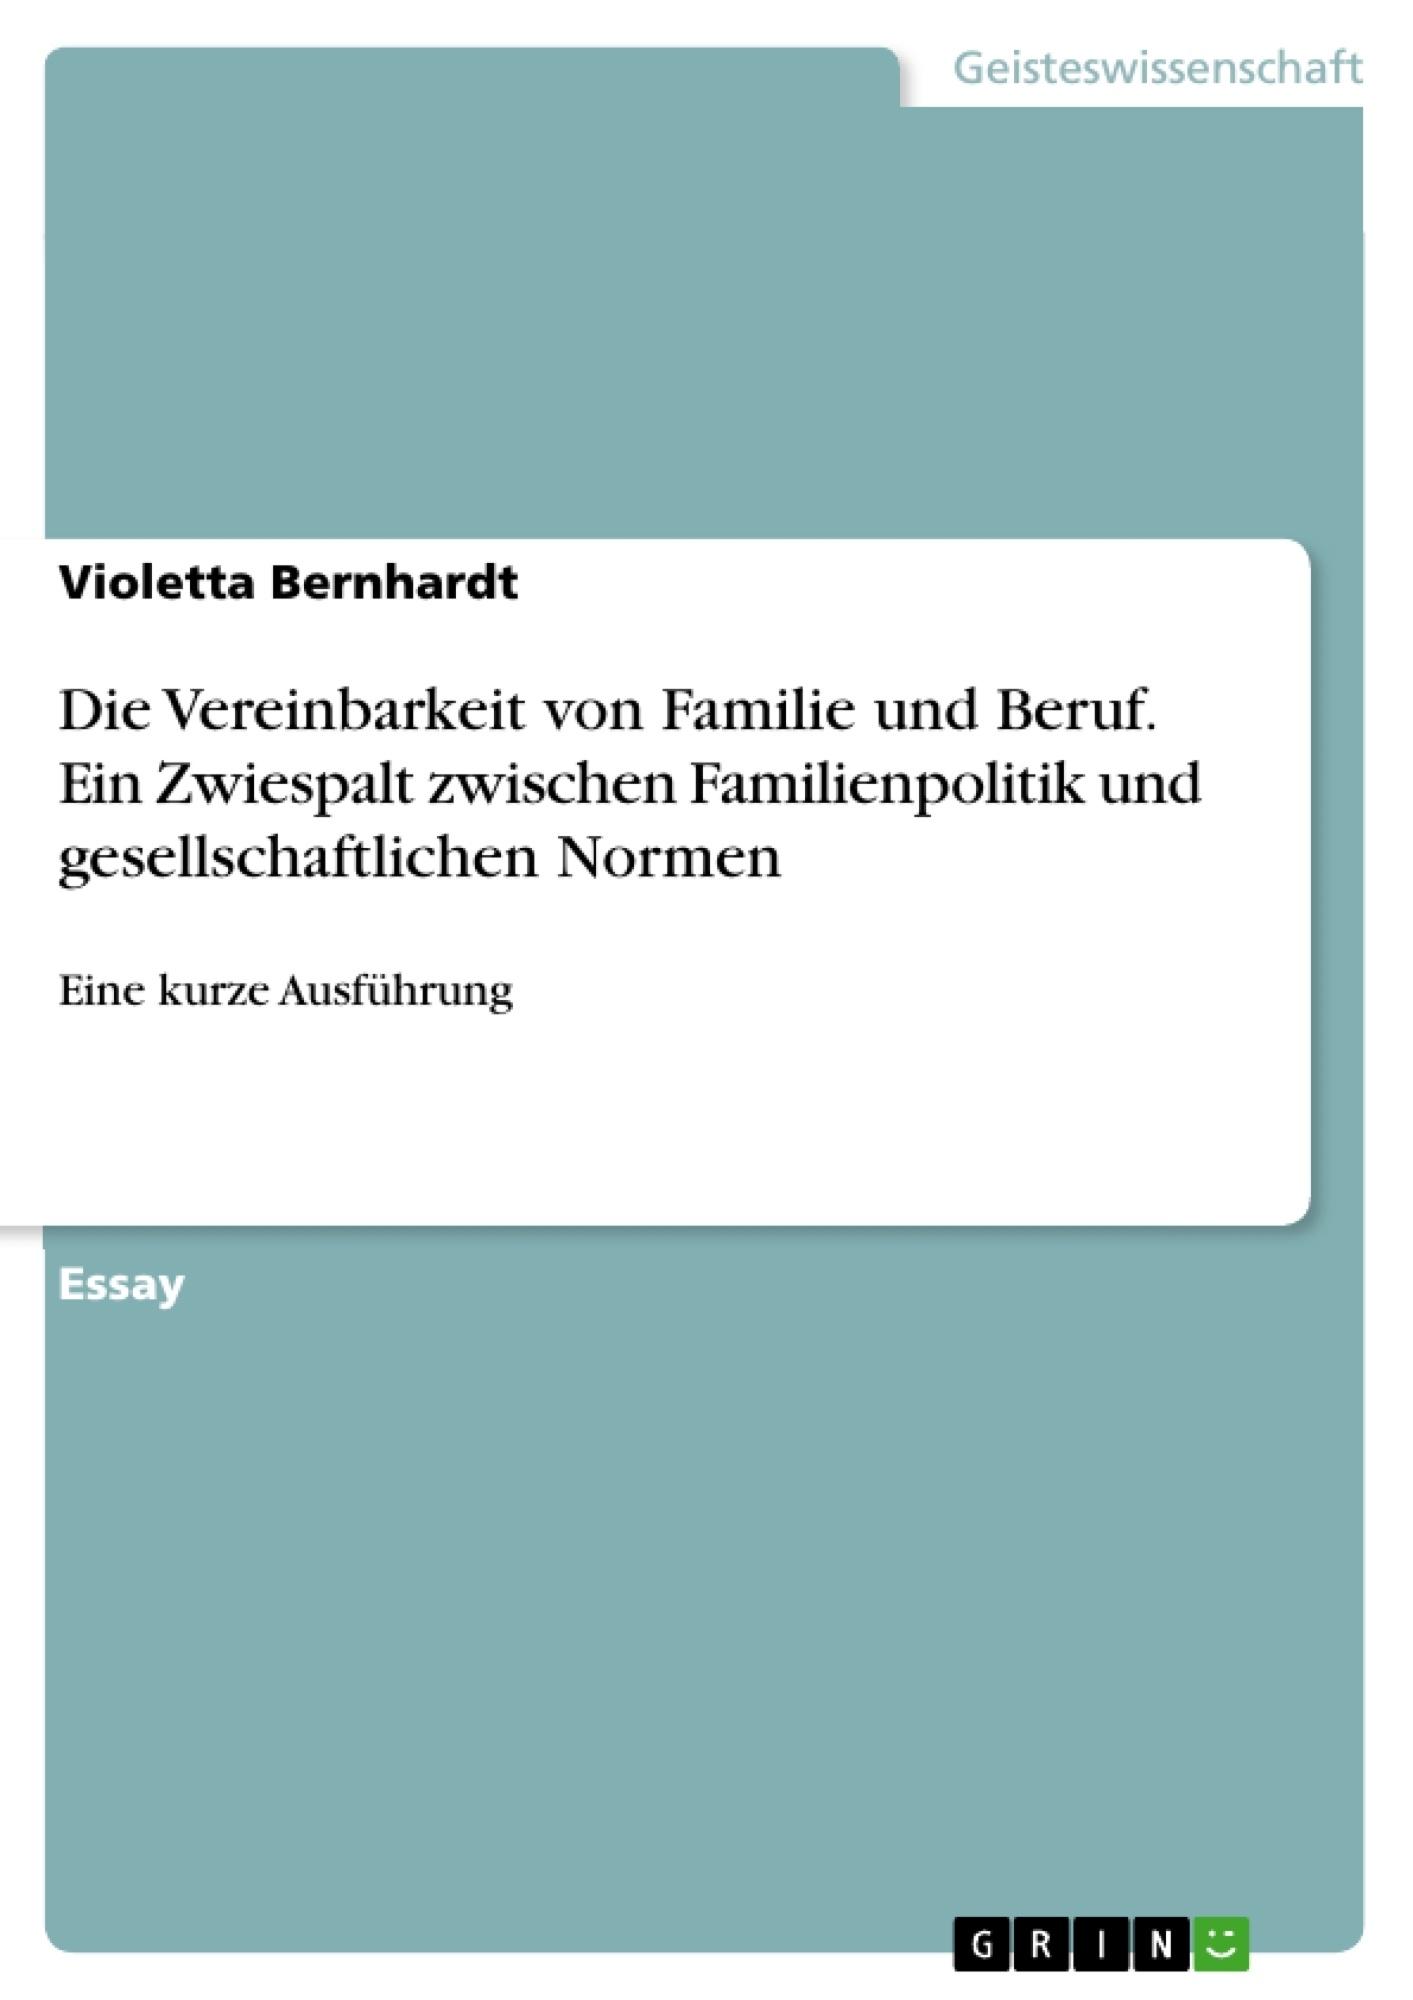 Titel: Die Vereinbarkeit von Familie und Beruf. Ein Zwiespalt zwischen Familienpolitik und gesellschaftlichen Normen